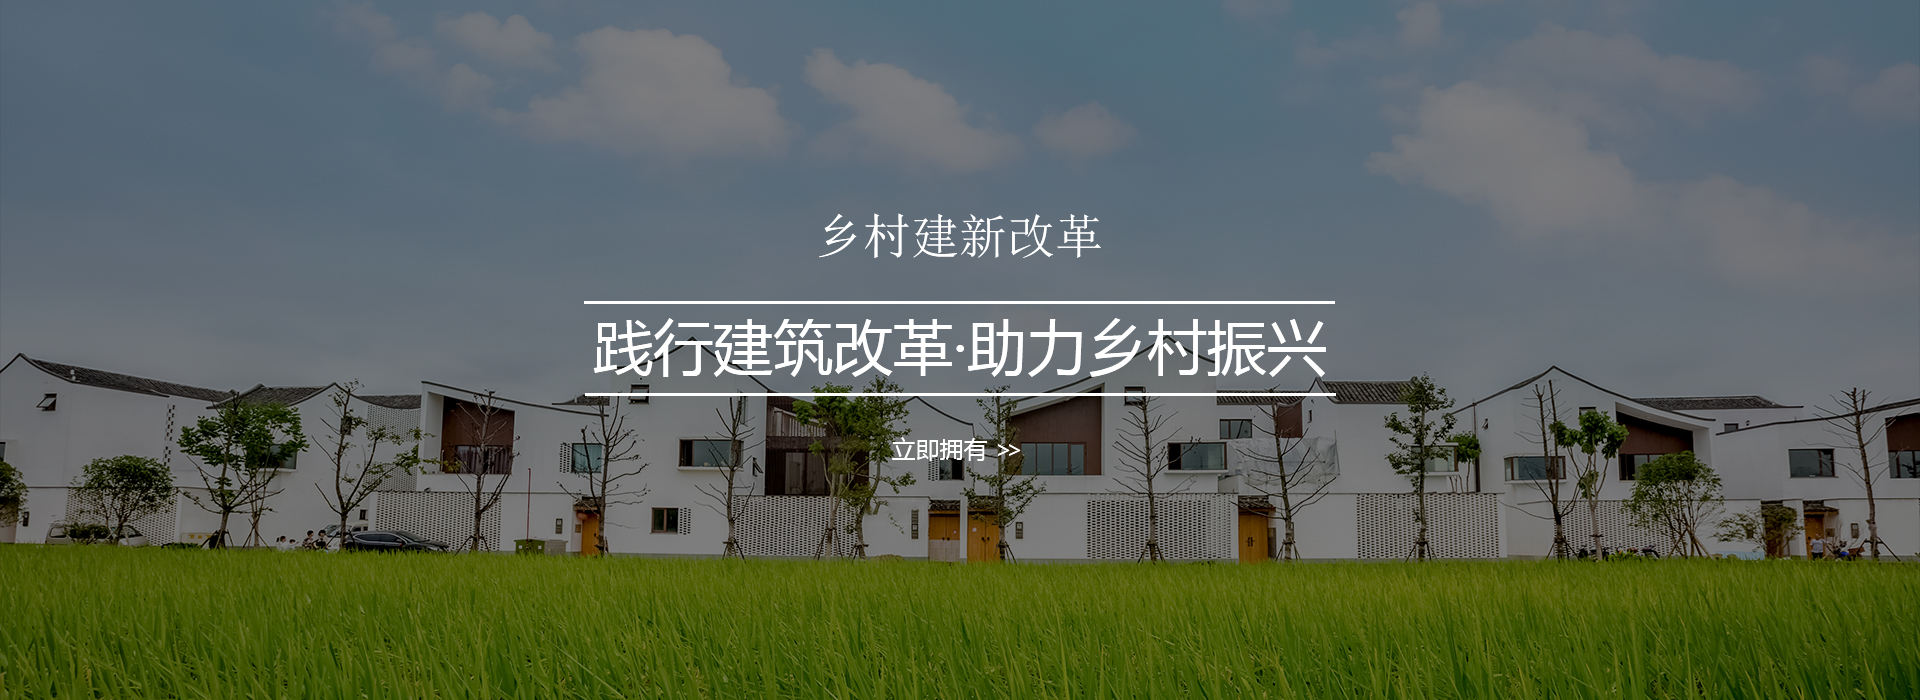 江西轻钢别墅